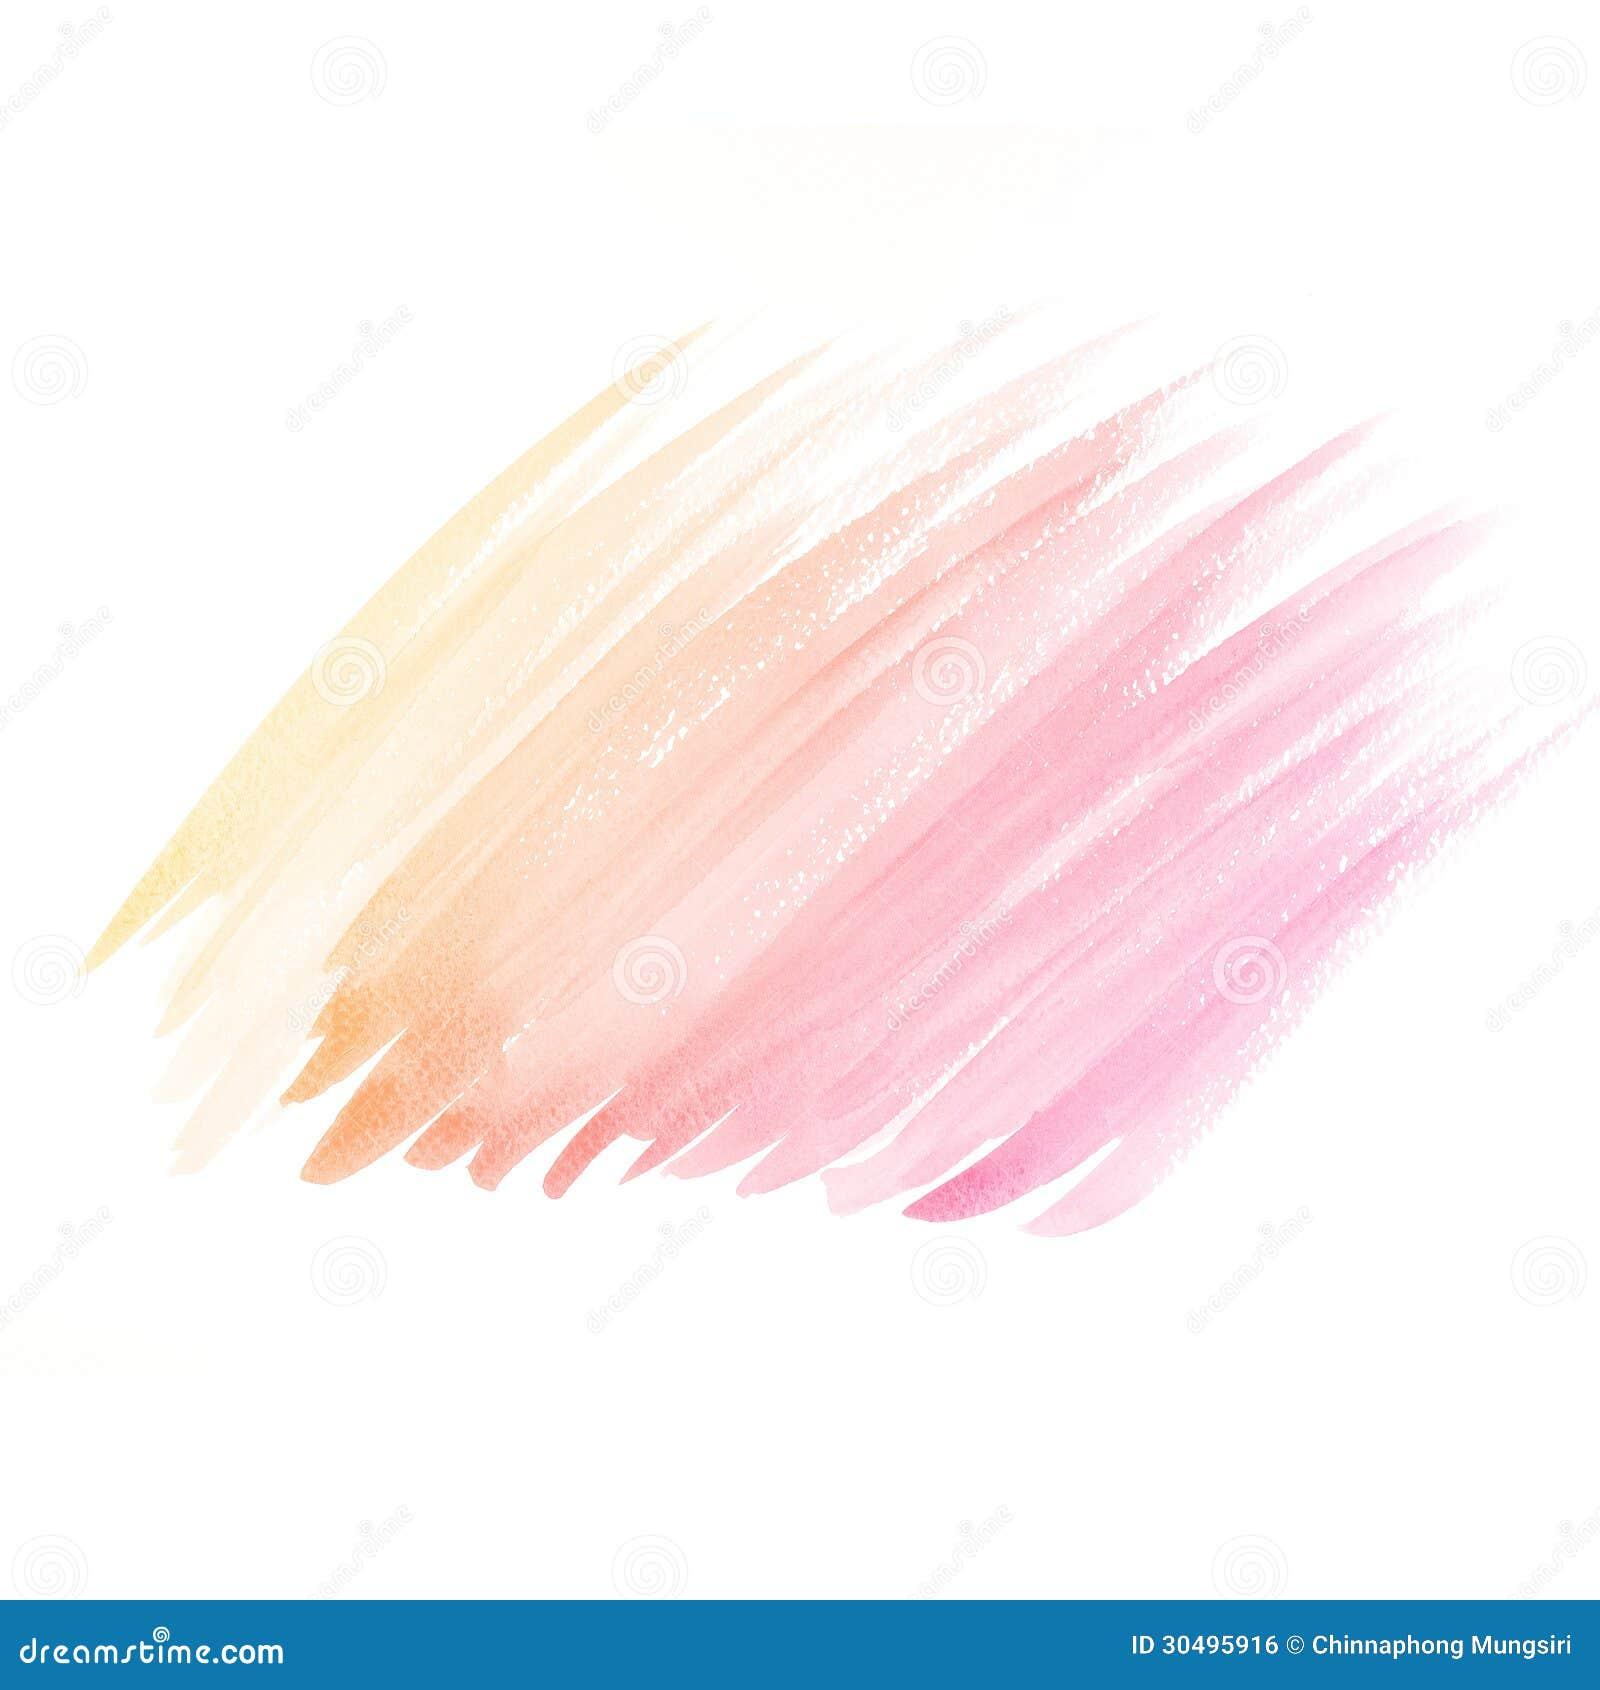 White Light Paint Splatter Wallpaper For Website